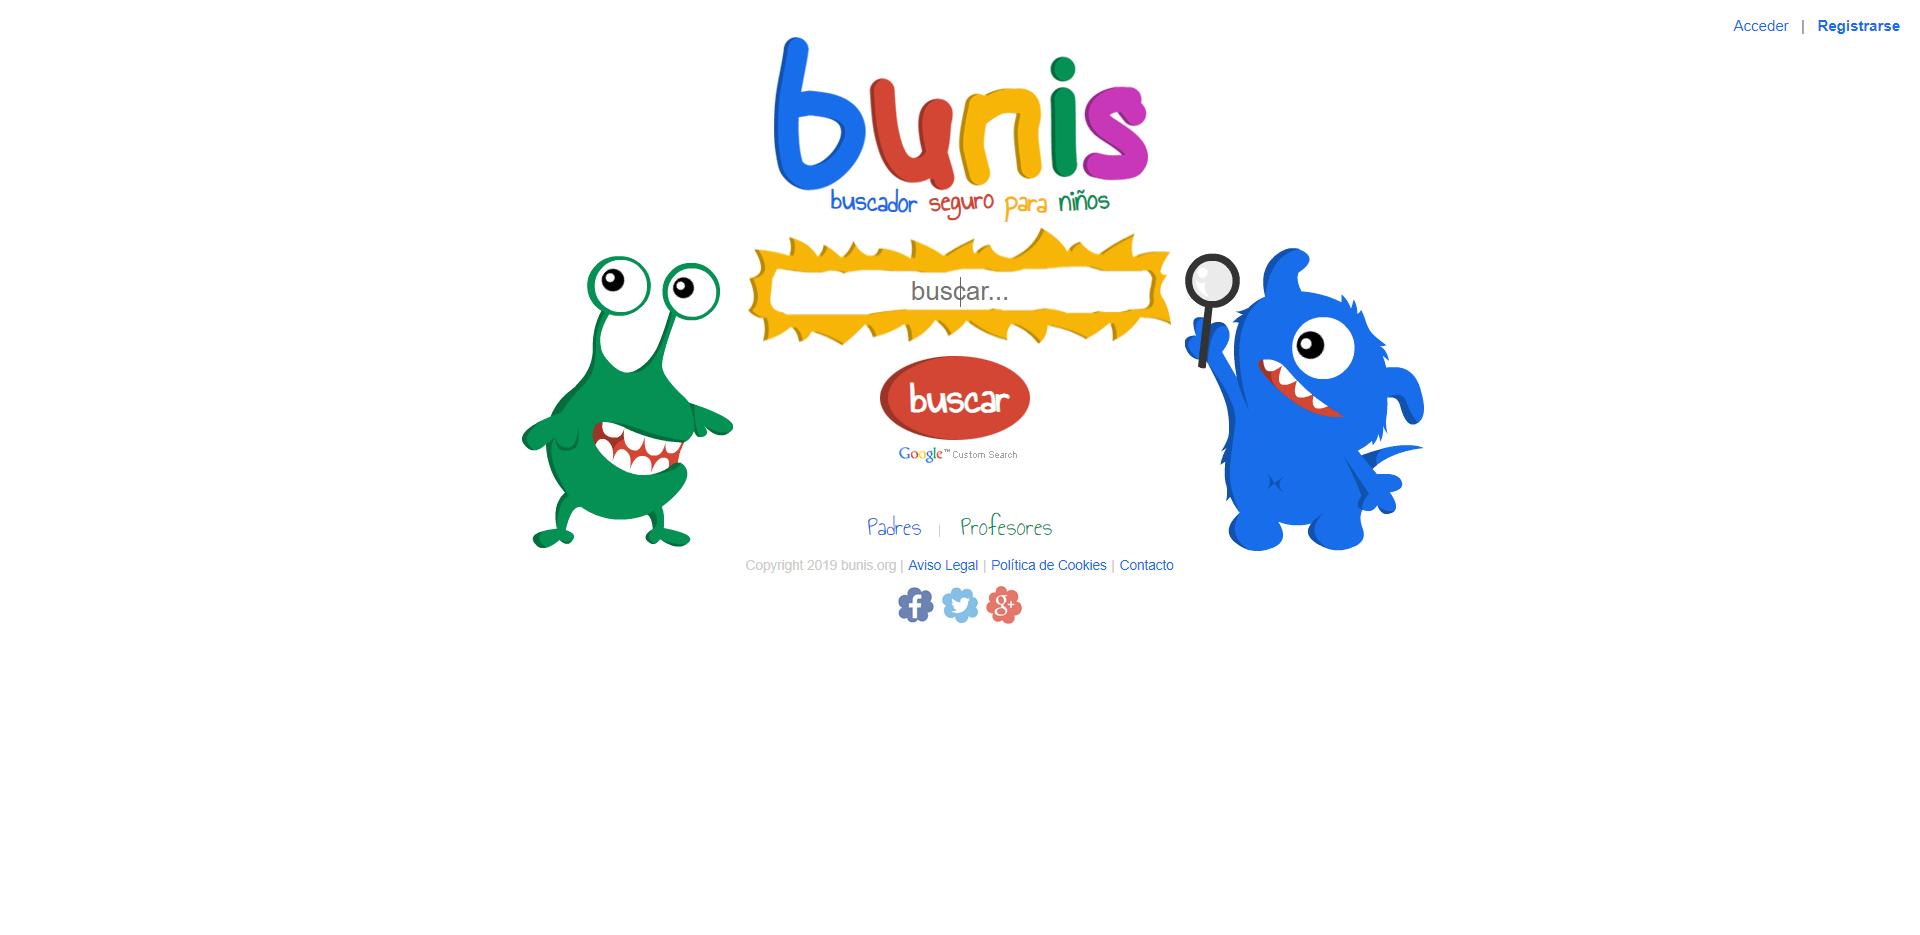 Bunis, el buscador seguro para niños